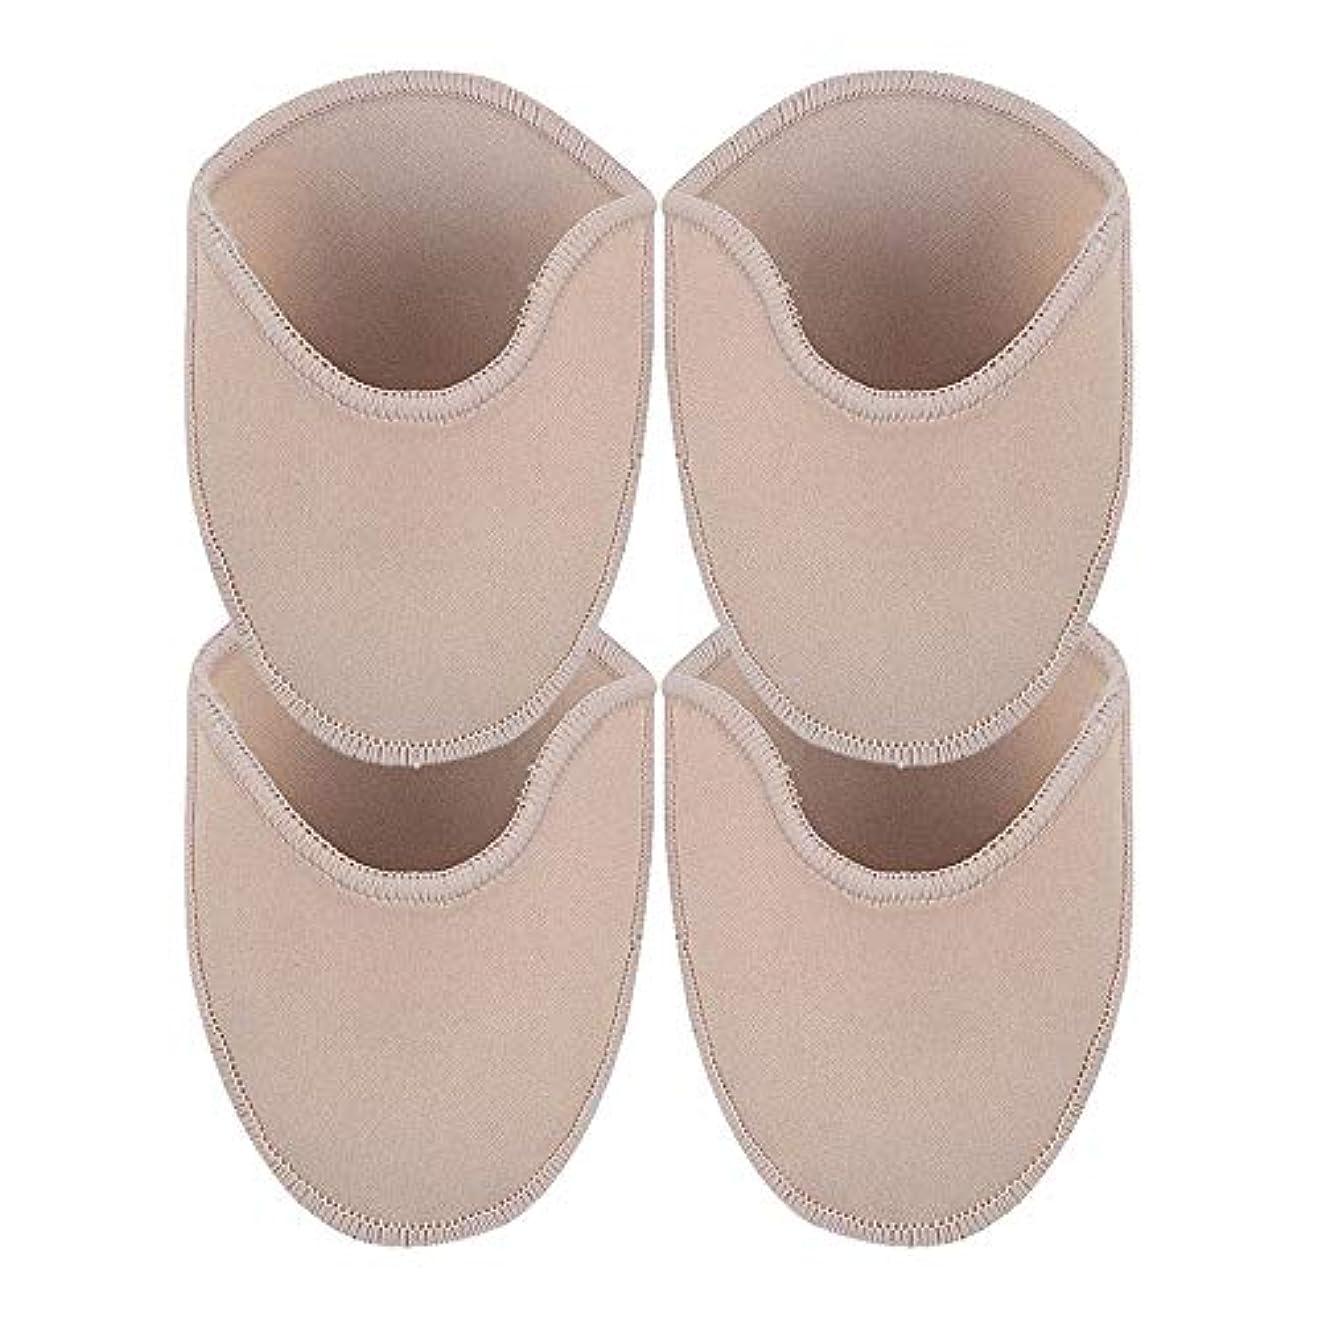 蚊毛布ベッドを作るKINDOYO 足用保護パッド - 尖ったハイヒール つま先の痛みプロテクター ソフトパッド 足のケア,長いです(2 ペア)